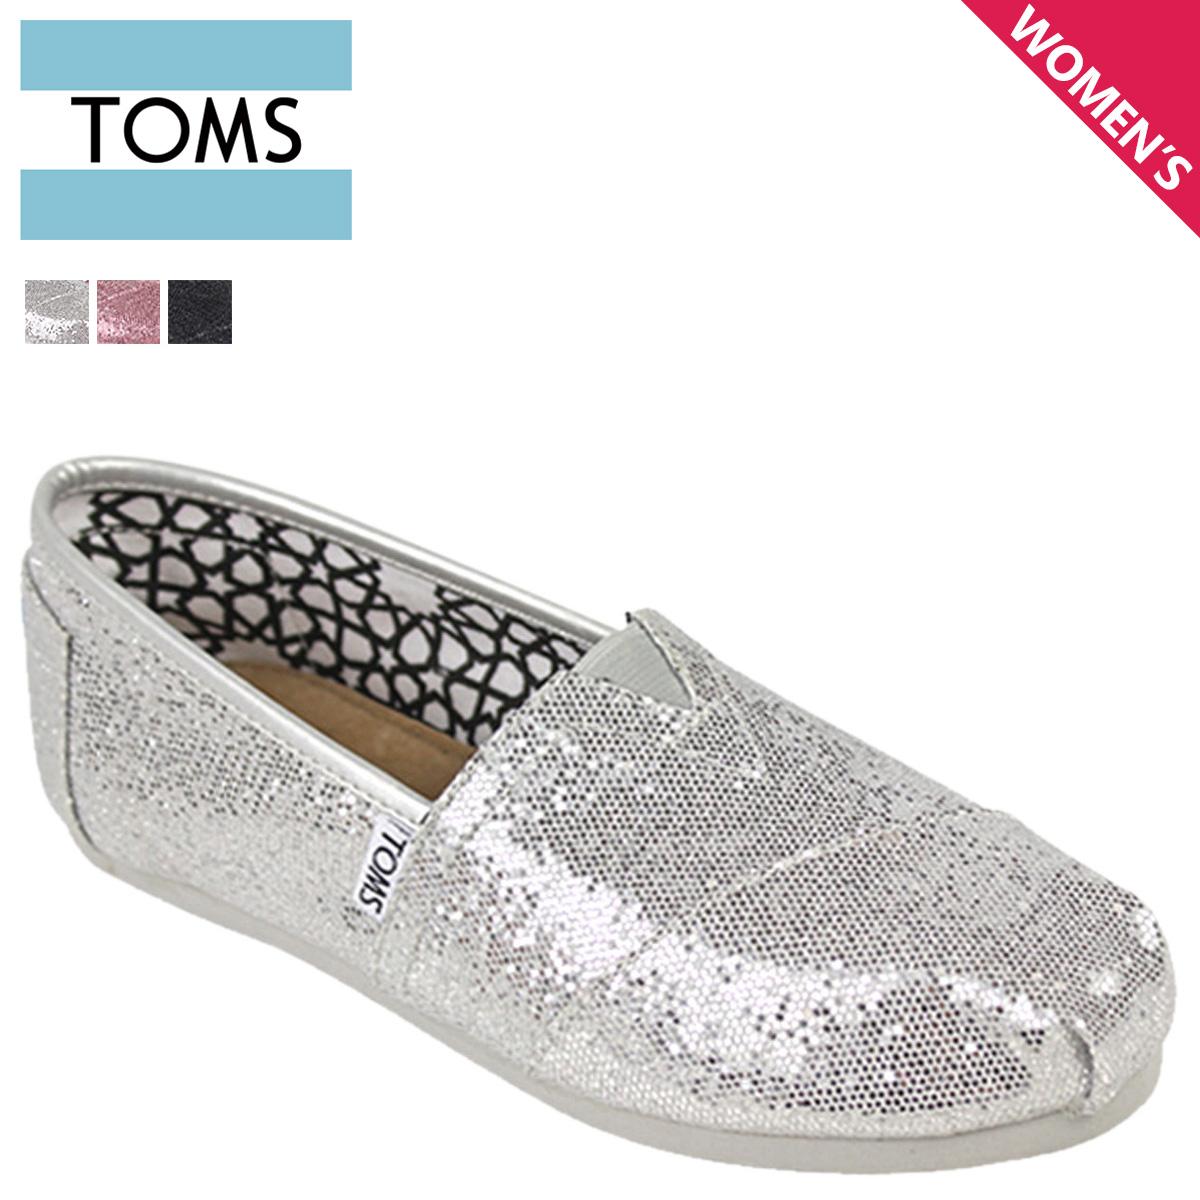 b6a5083f5ba Sugar Online Shop  TOMS SHOES Thoms shoes Lady s slip-ons WOMEN S ...